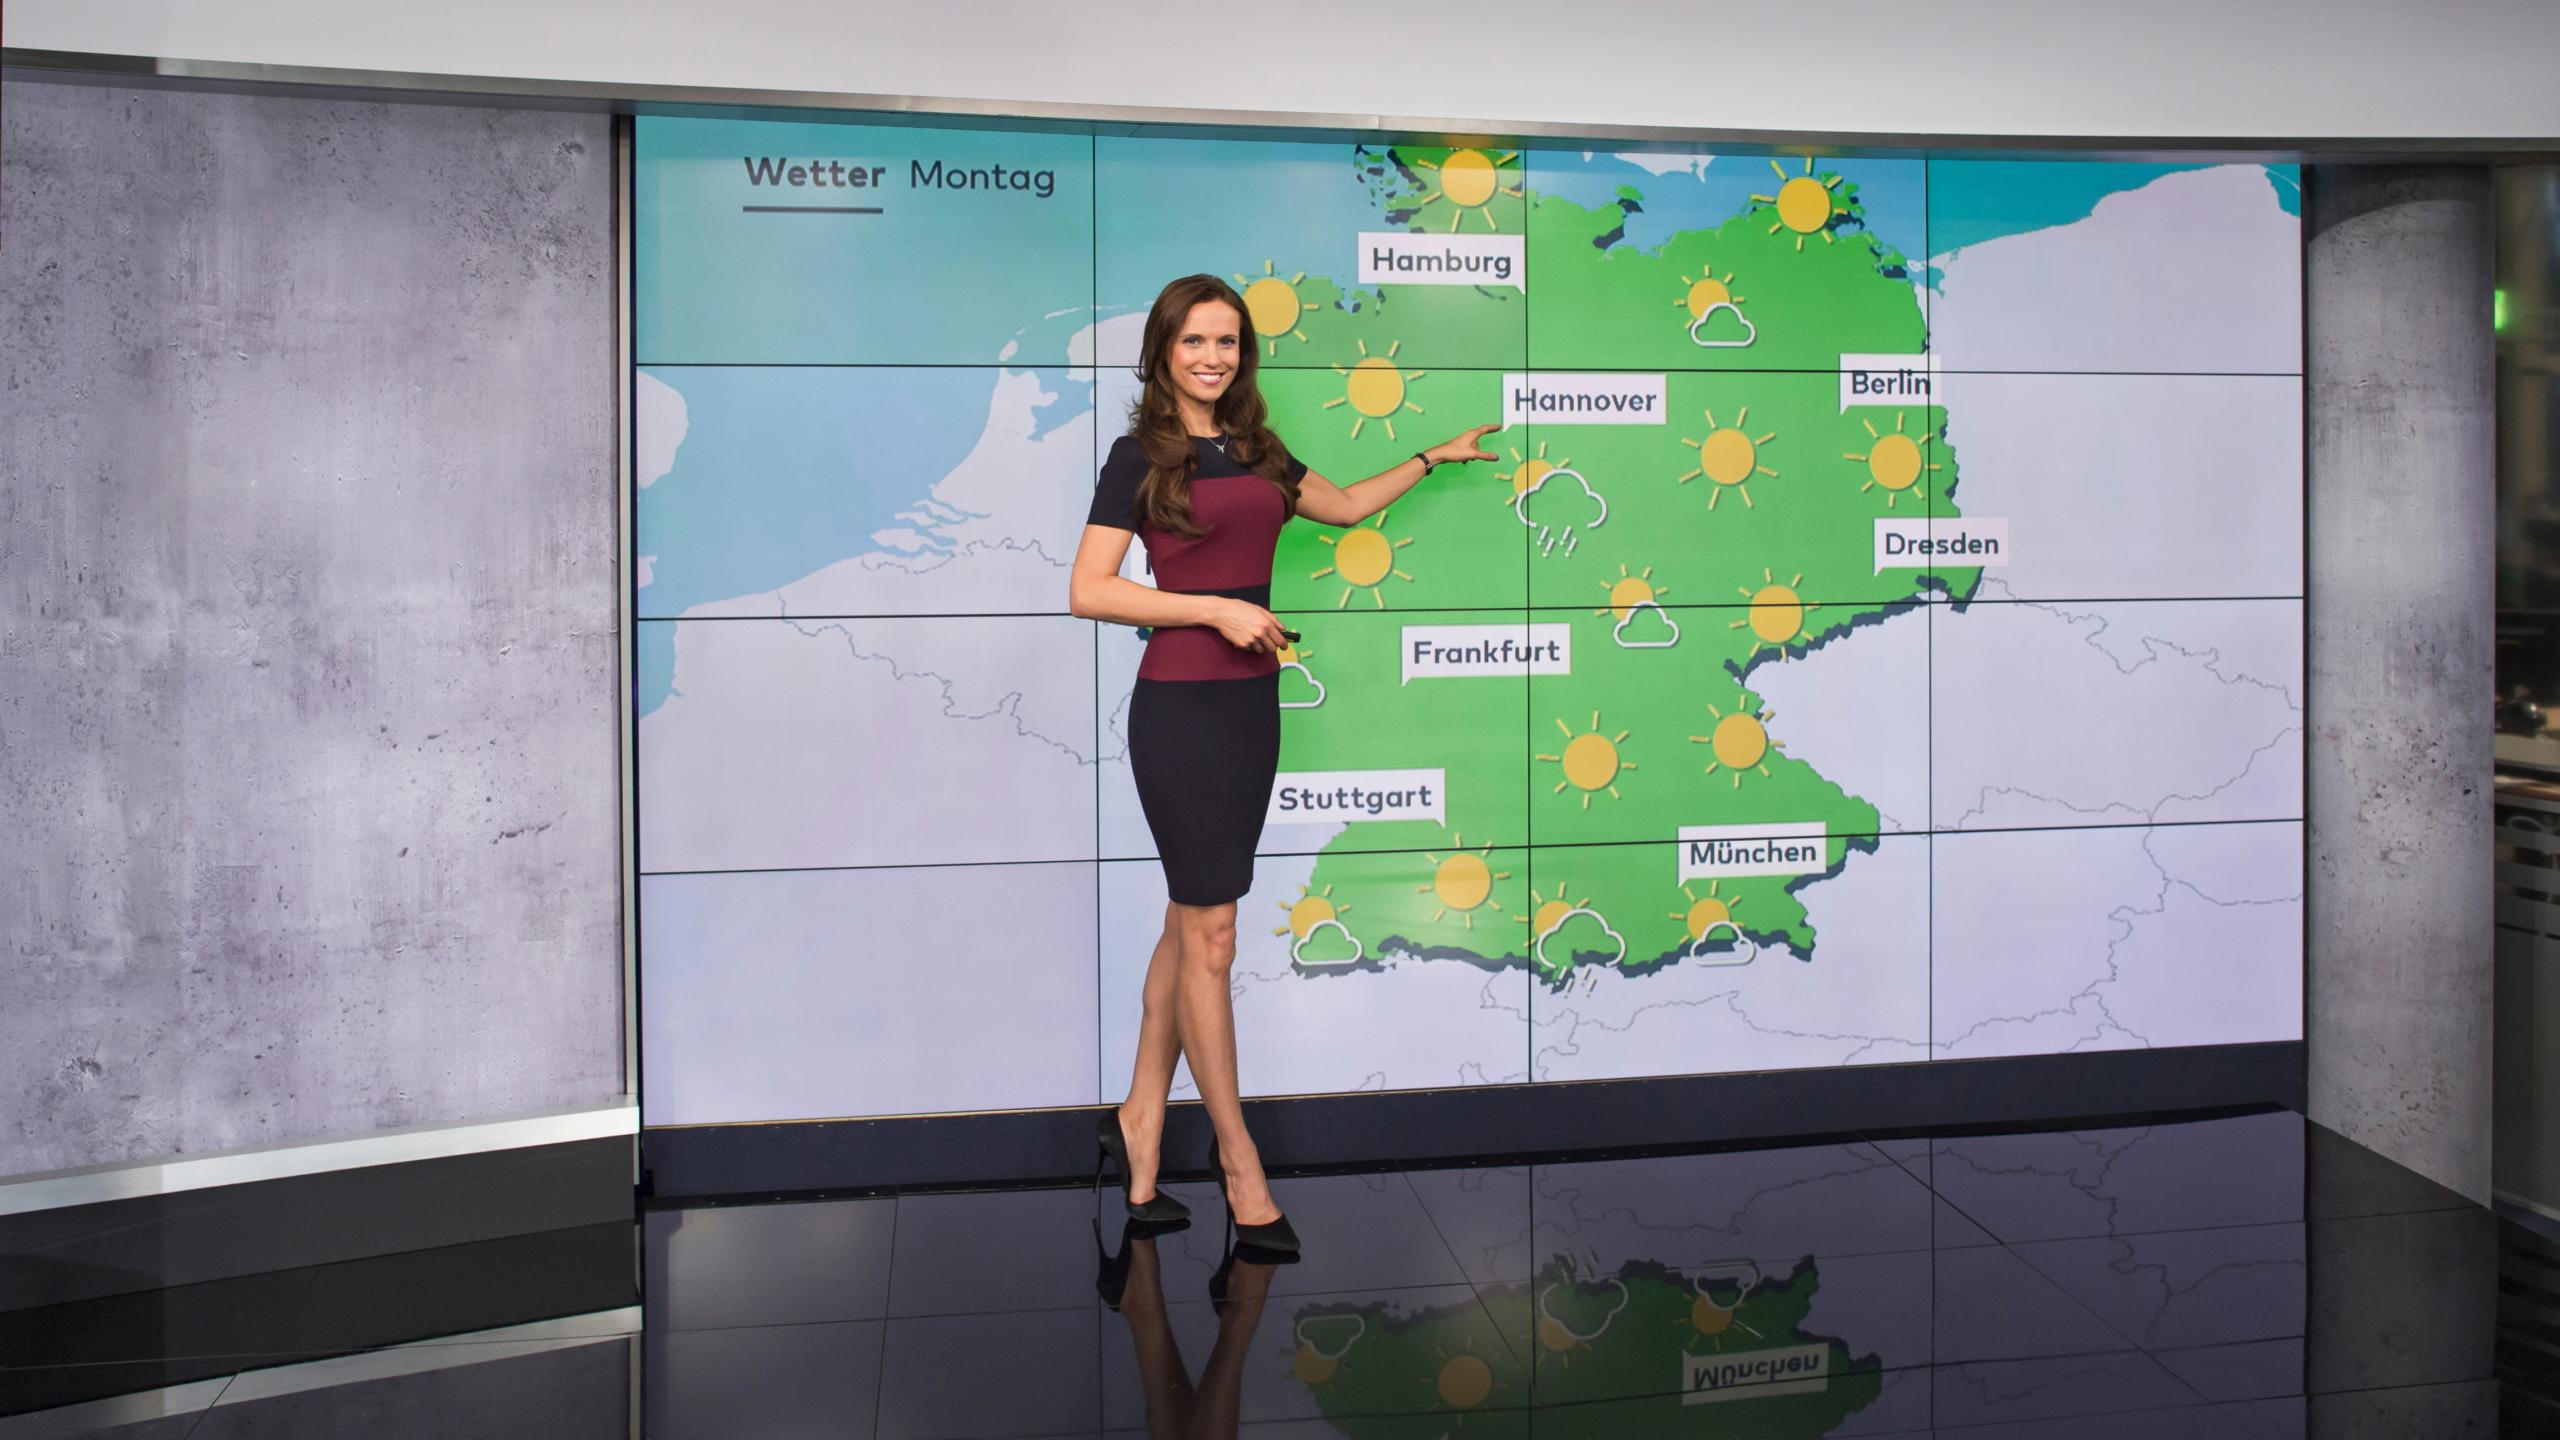 N24 Wettermoderatorin Susanne Schöne Wetterkarte » Susanne ...